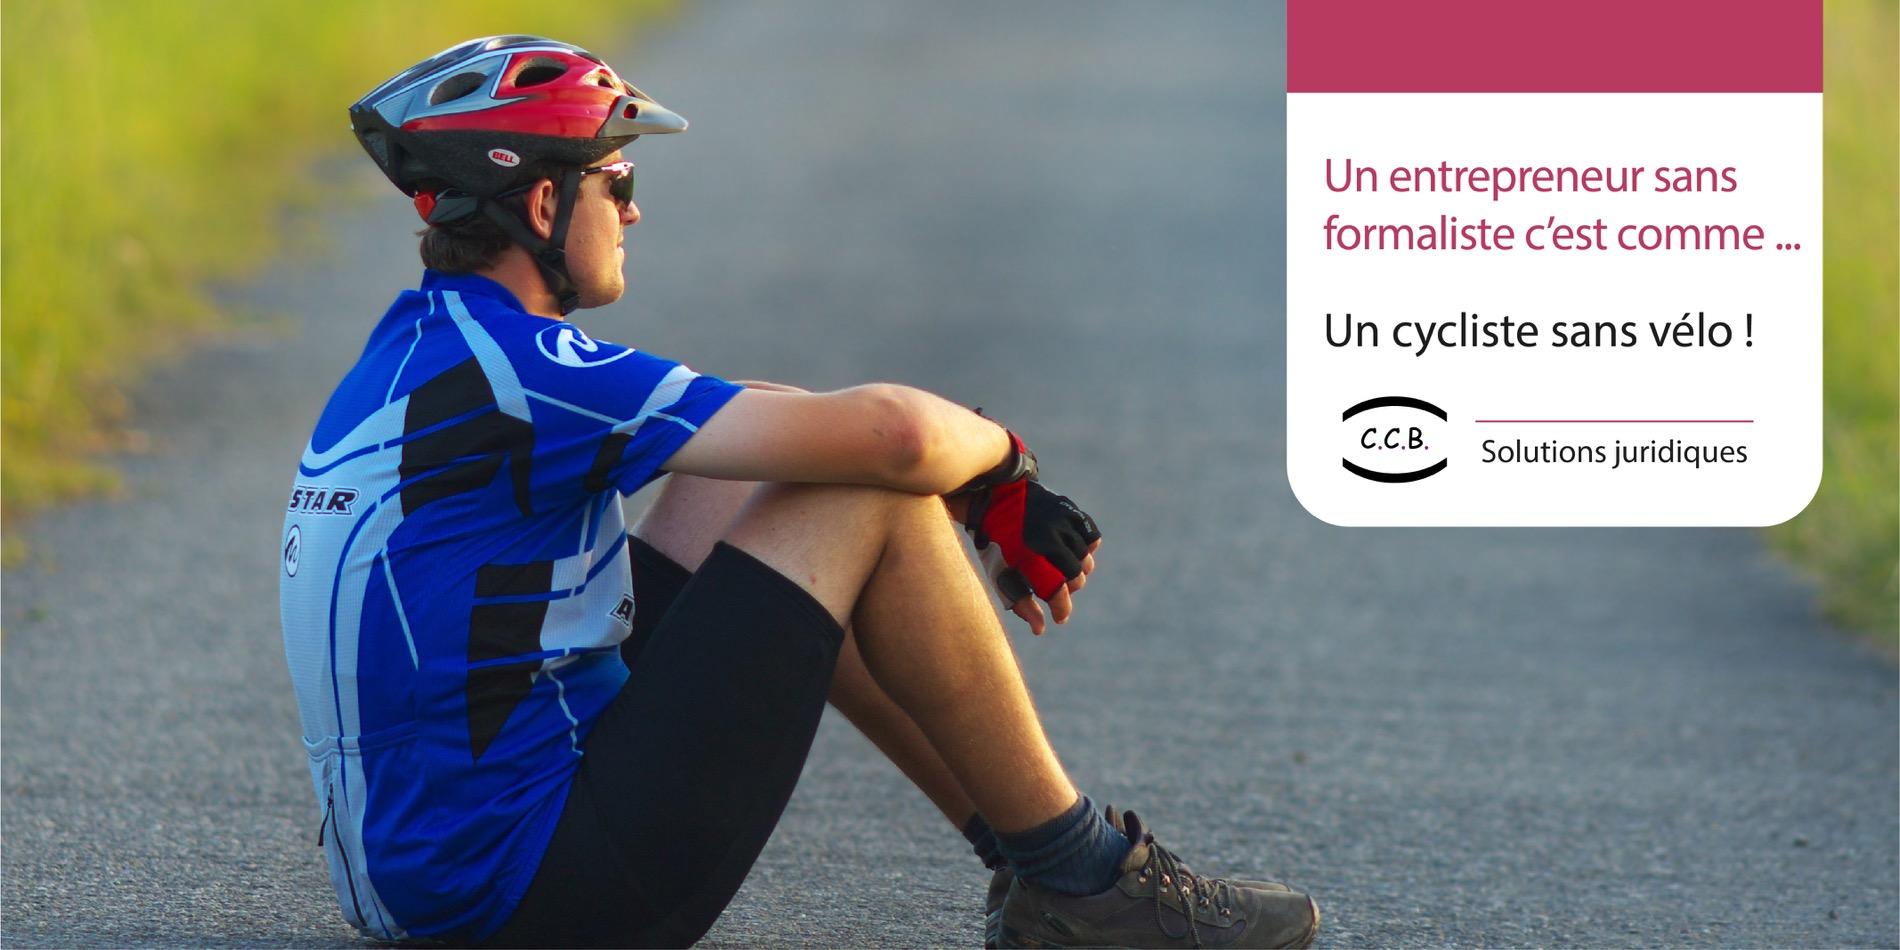 Un entrepreneur sans formaliste - c'est comme un cycliste sans vélo !